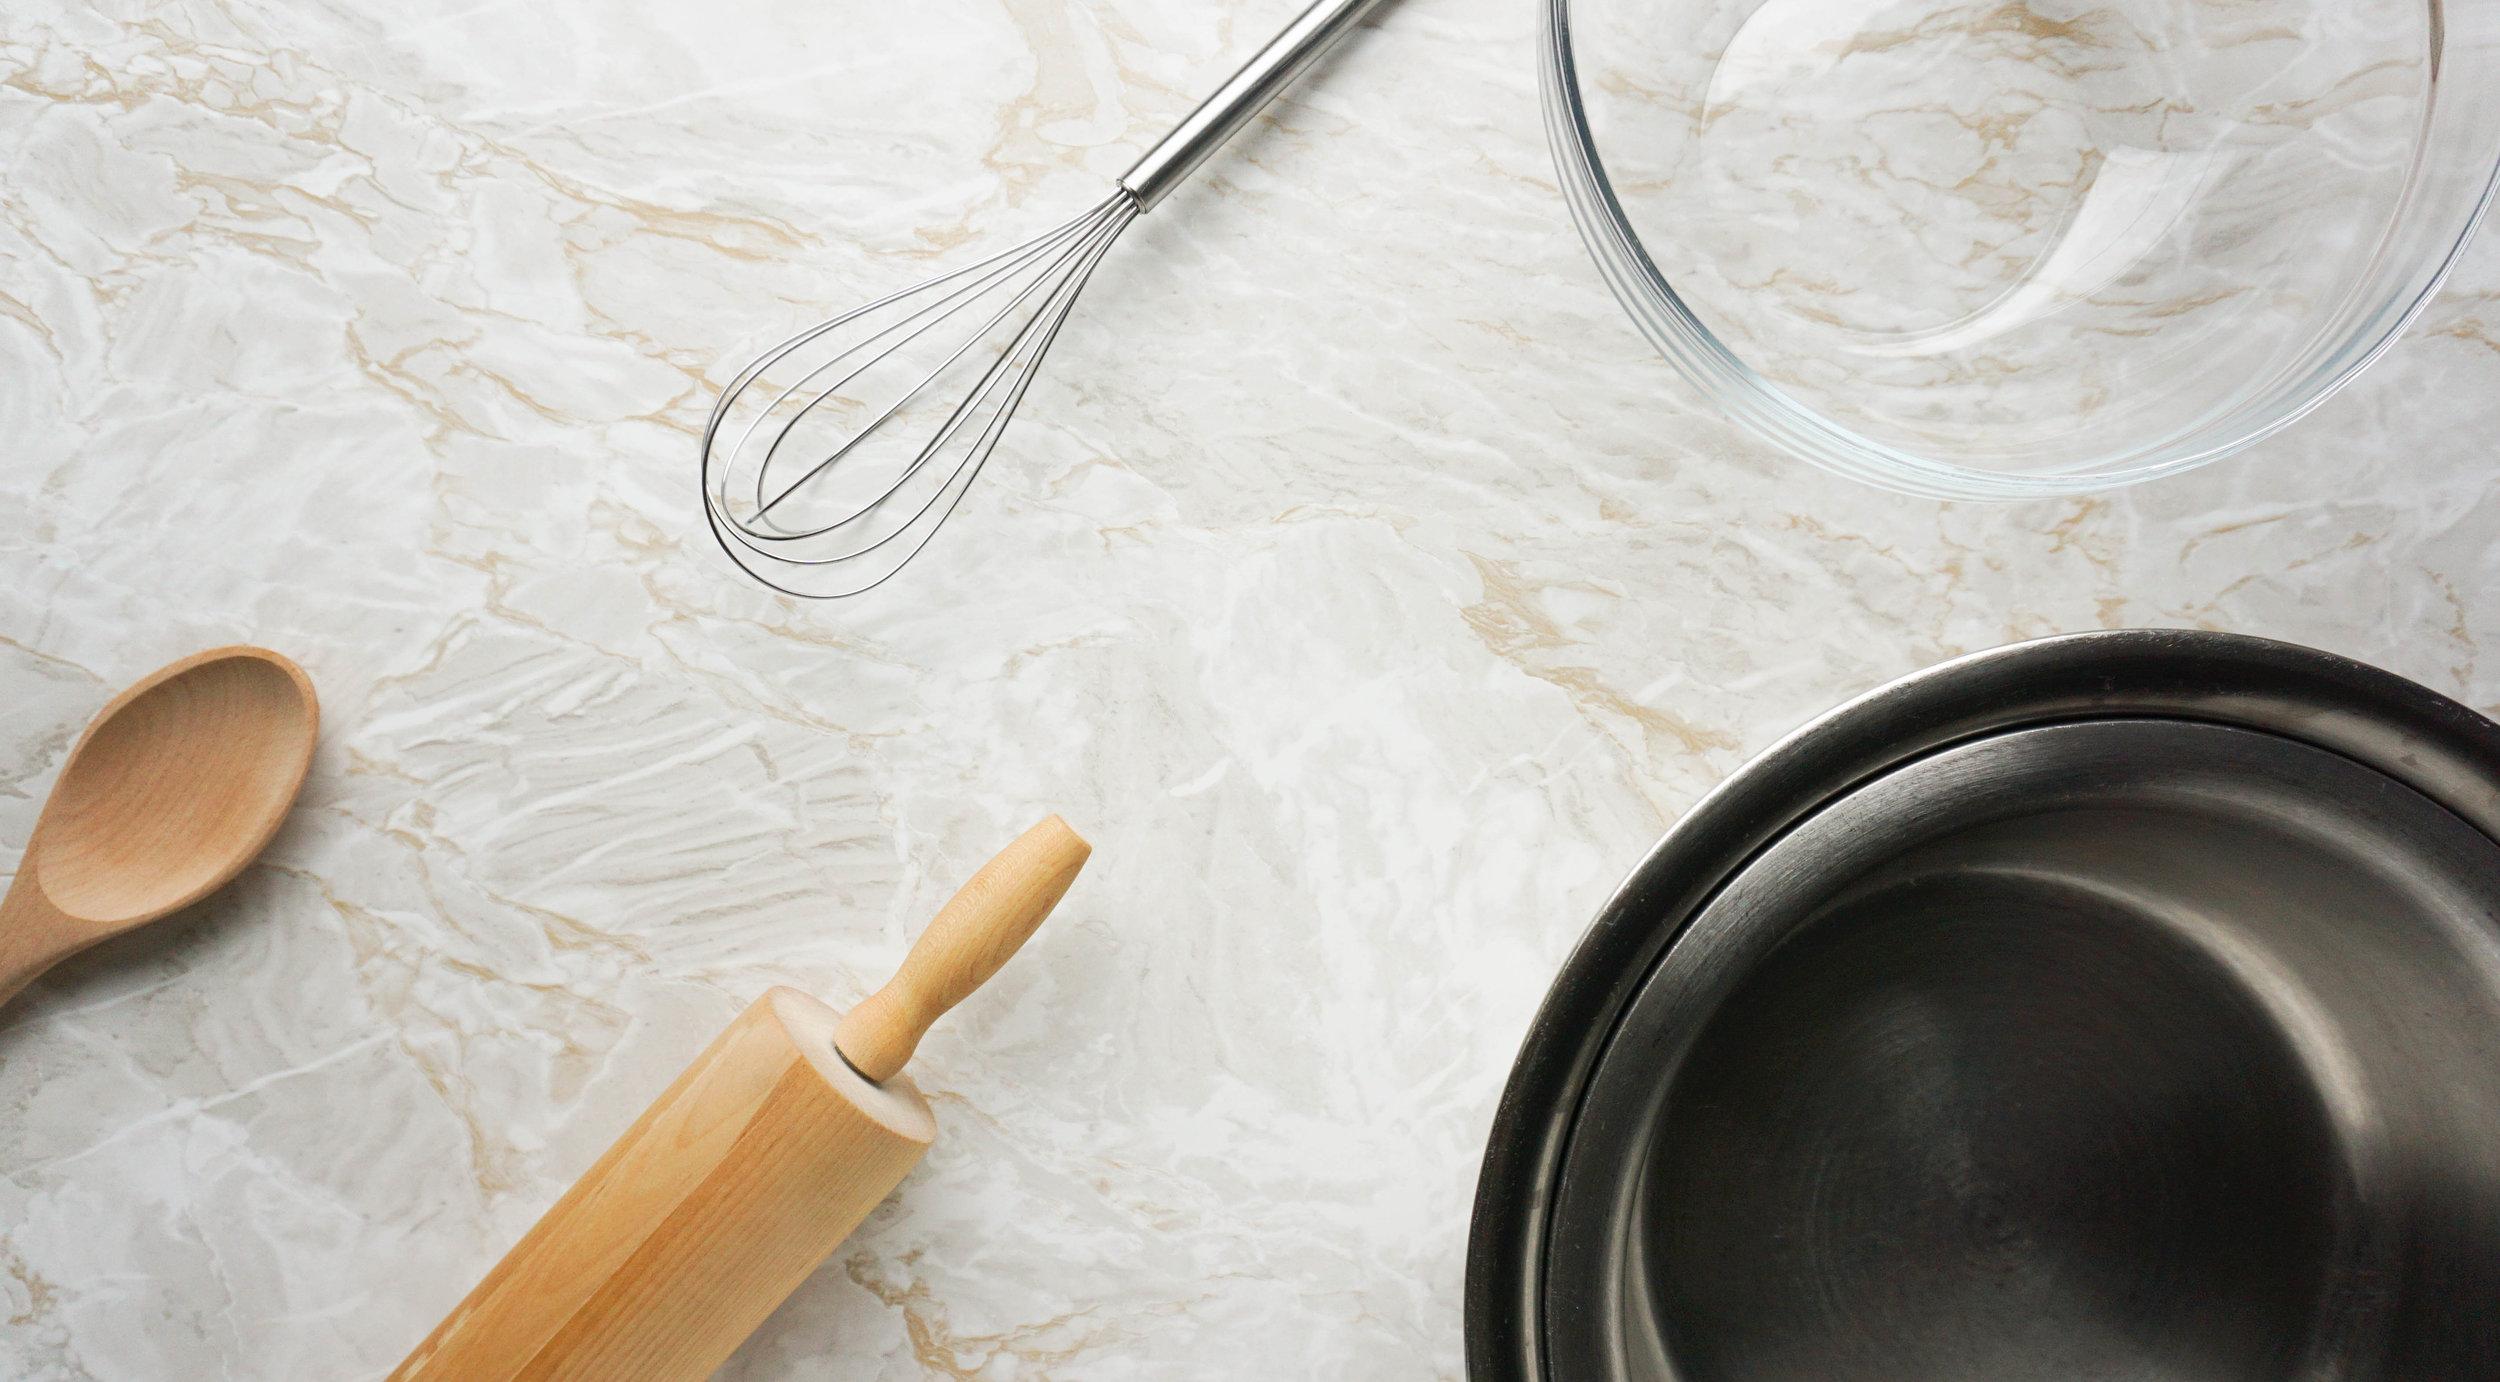 Plastikfrei Backen 101 Tipps für nachhaltigere Back-Utensilien und Küchenzubehör.jpg